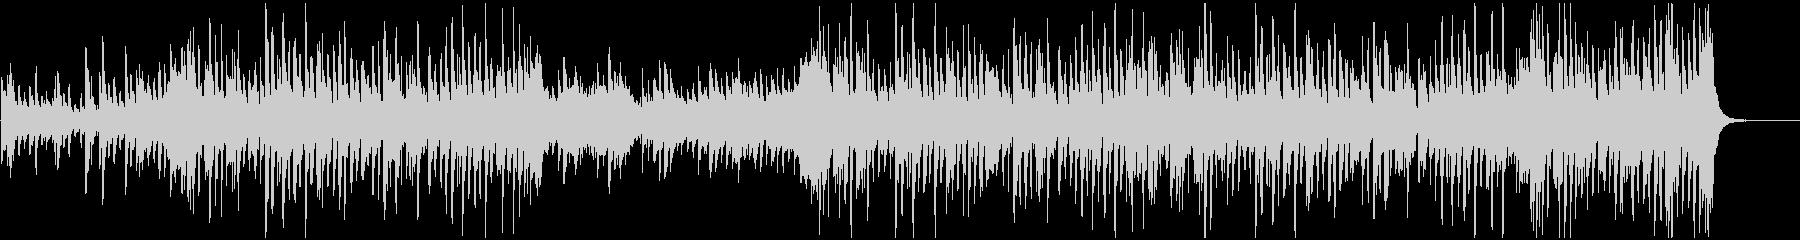 ピアノ、ストリングス、木管楽器、グ...の未再生の波形